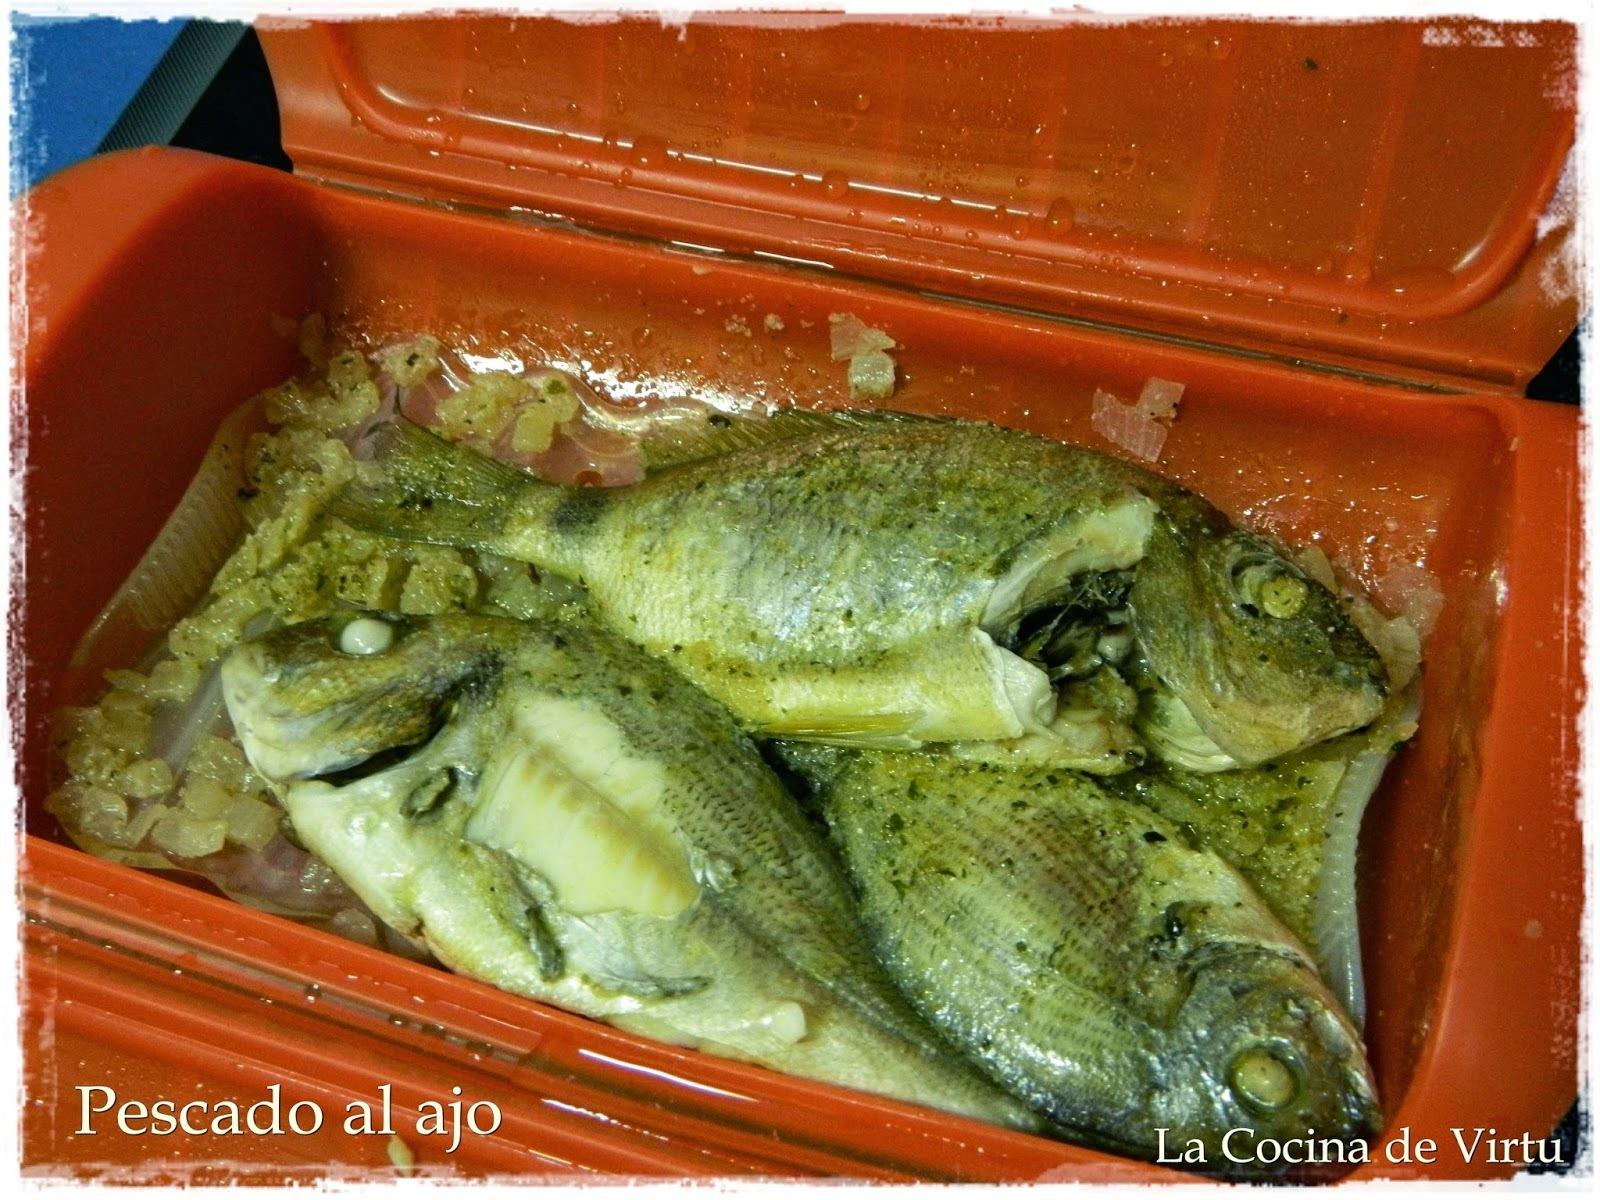 Pescado al ajo en el microondas